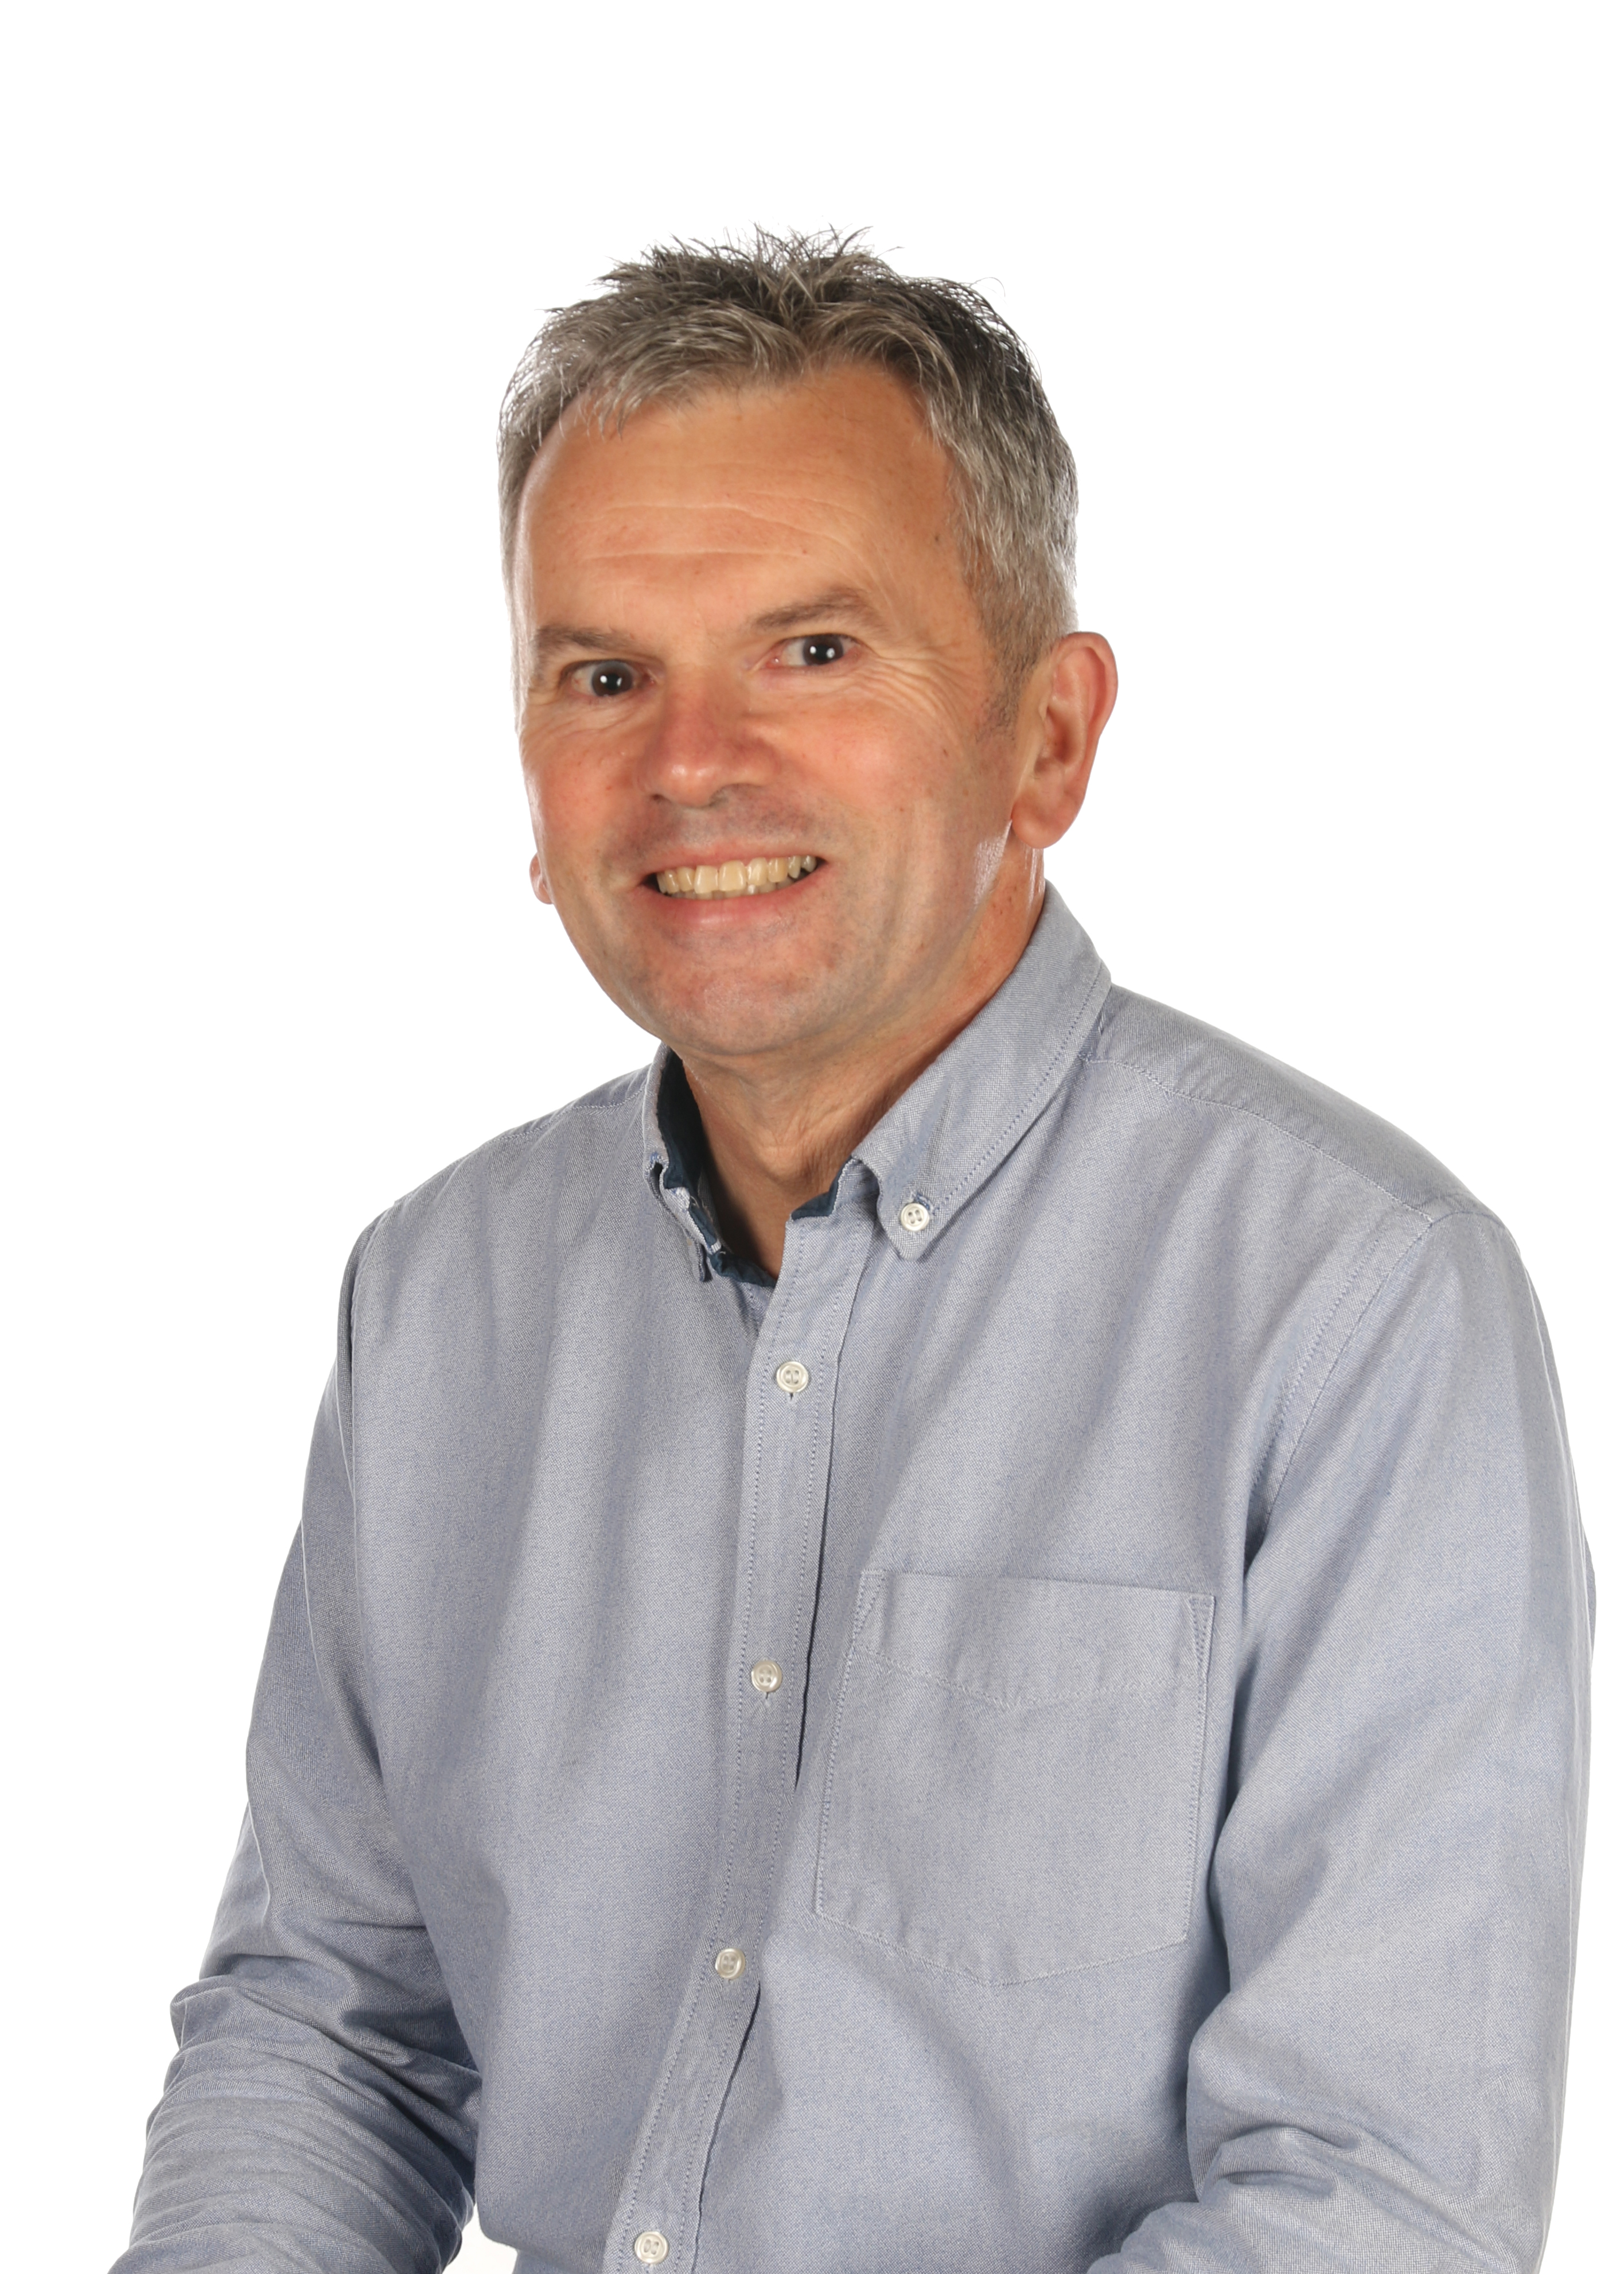 Mike Mintram